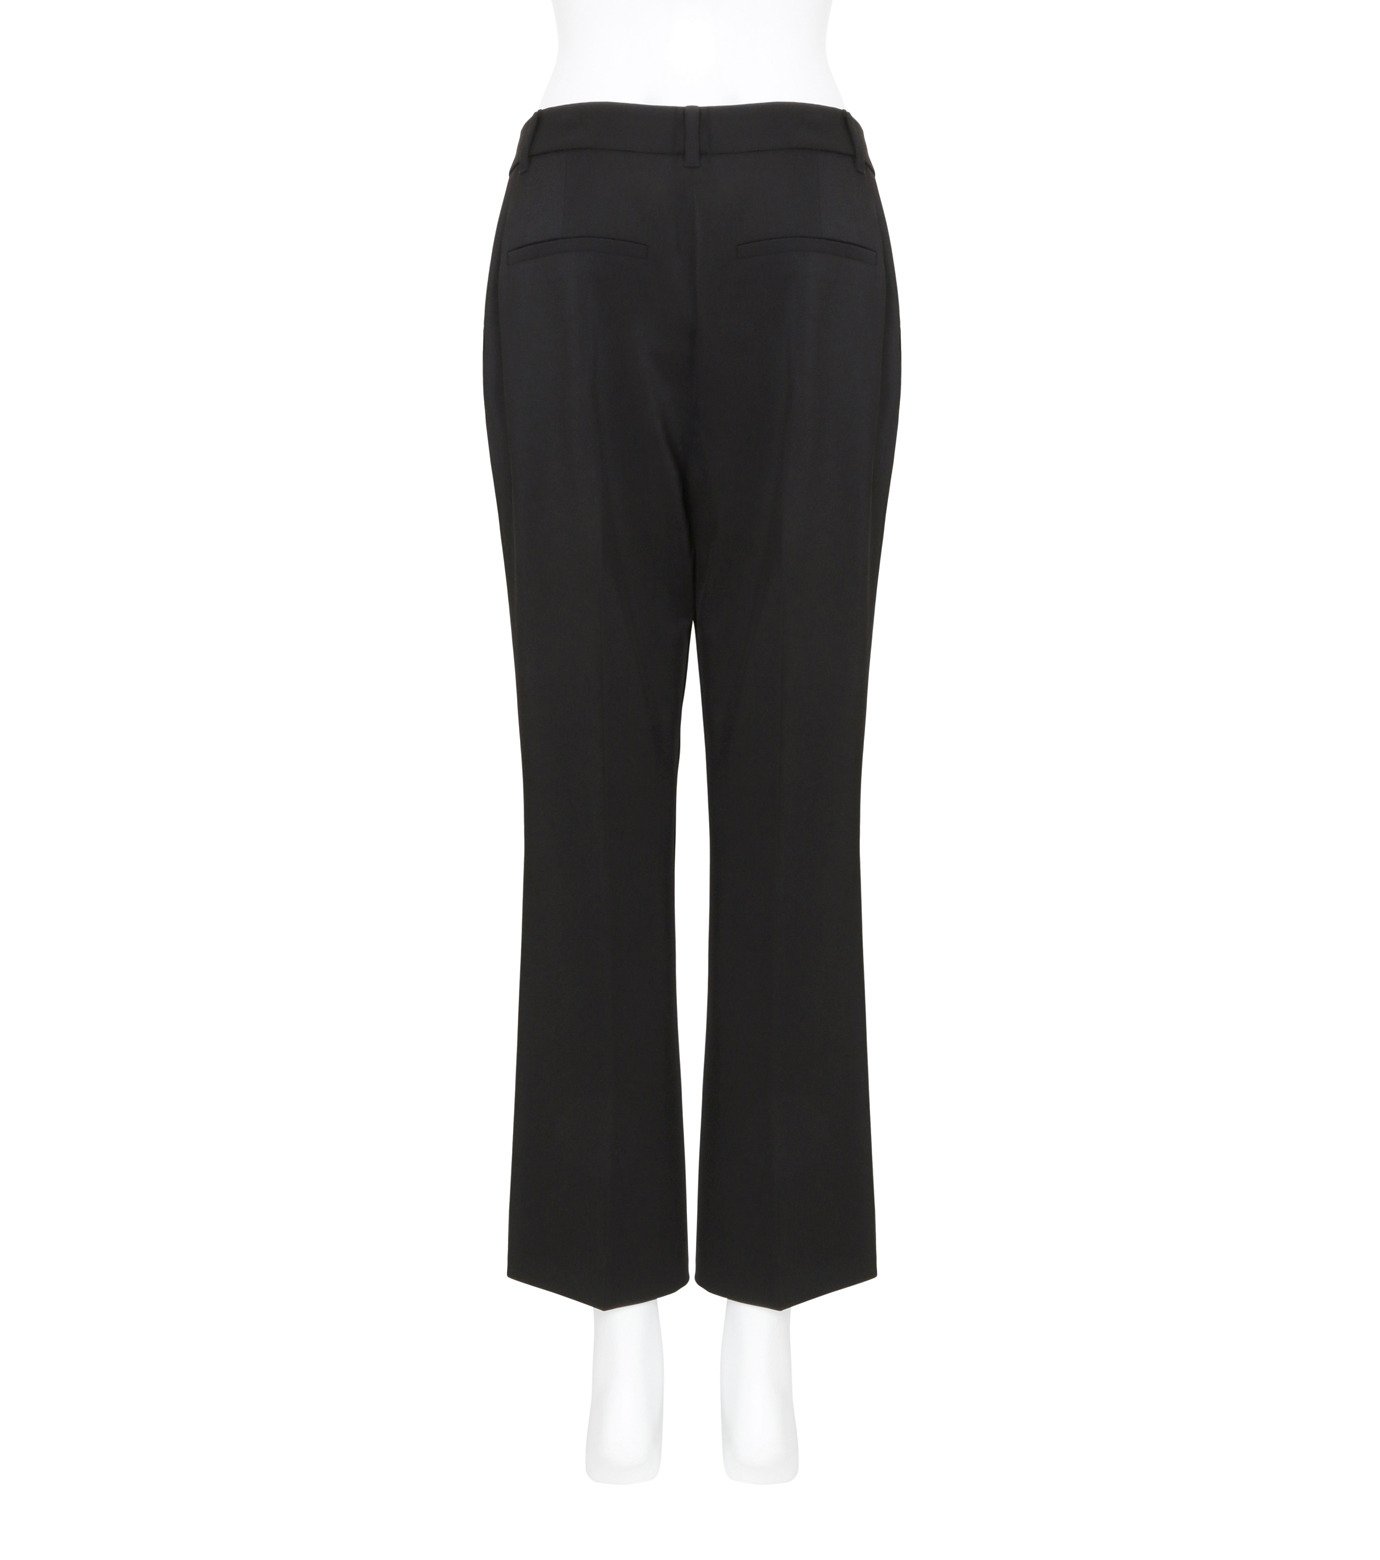 T by Alexander Wang(ティーバイ アレキサンダーワン)のFront Pleat Crop Trousers-BLACK(パンツ/pants)-403714R17-13 拡大詳細画像2